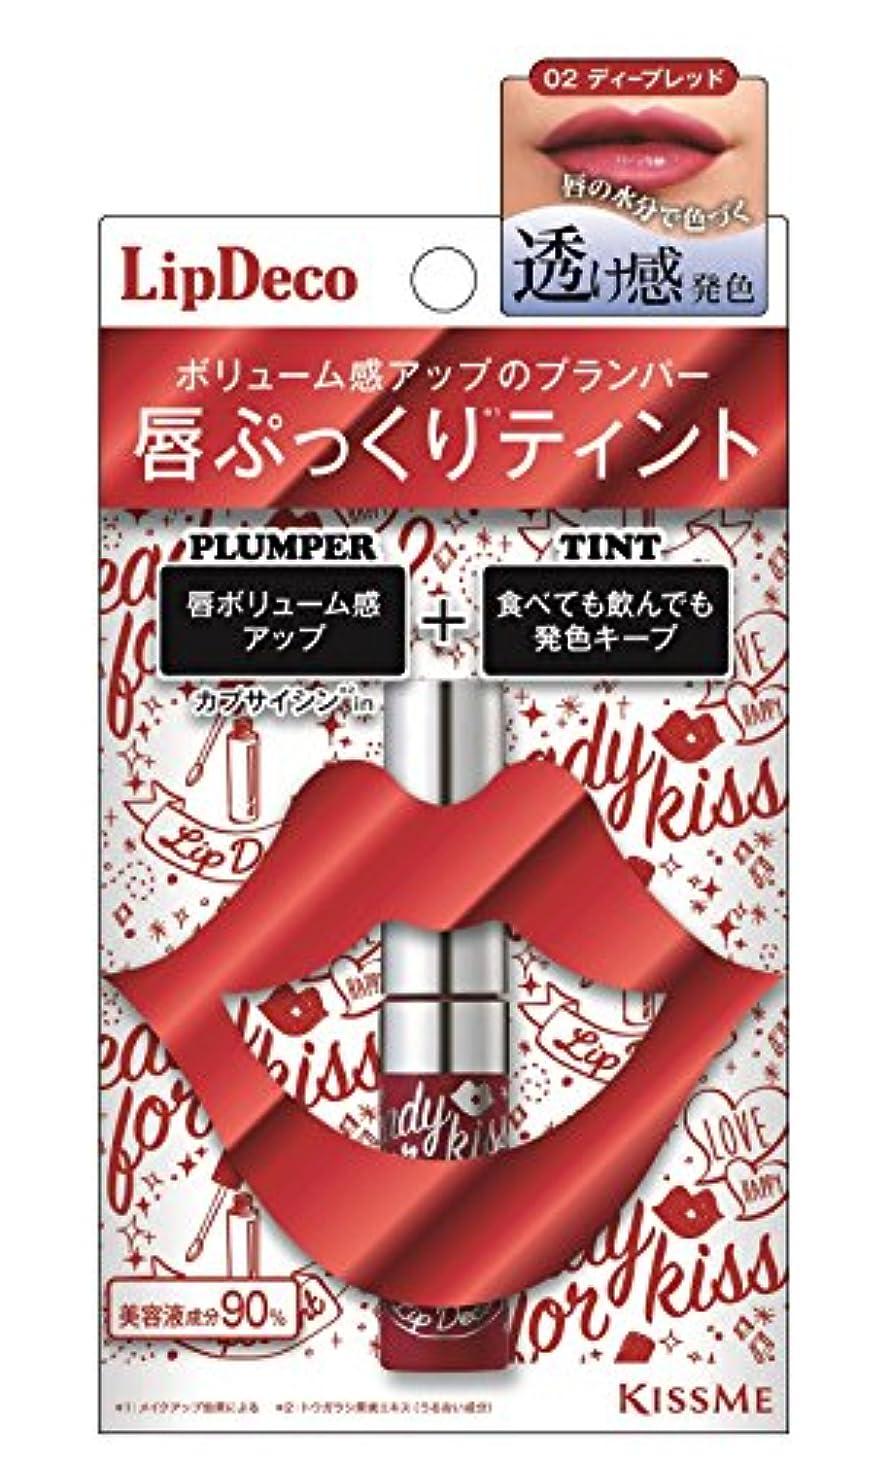 テストおいしいフレアリップデコ プランパーティント02 ディープレッド 5.3g